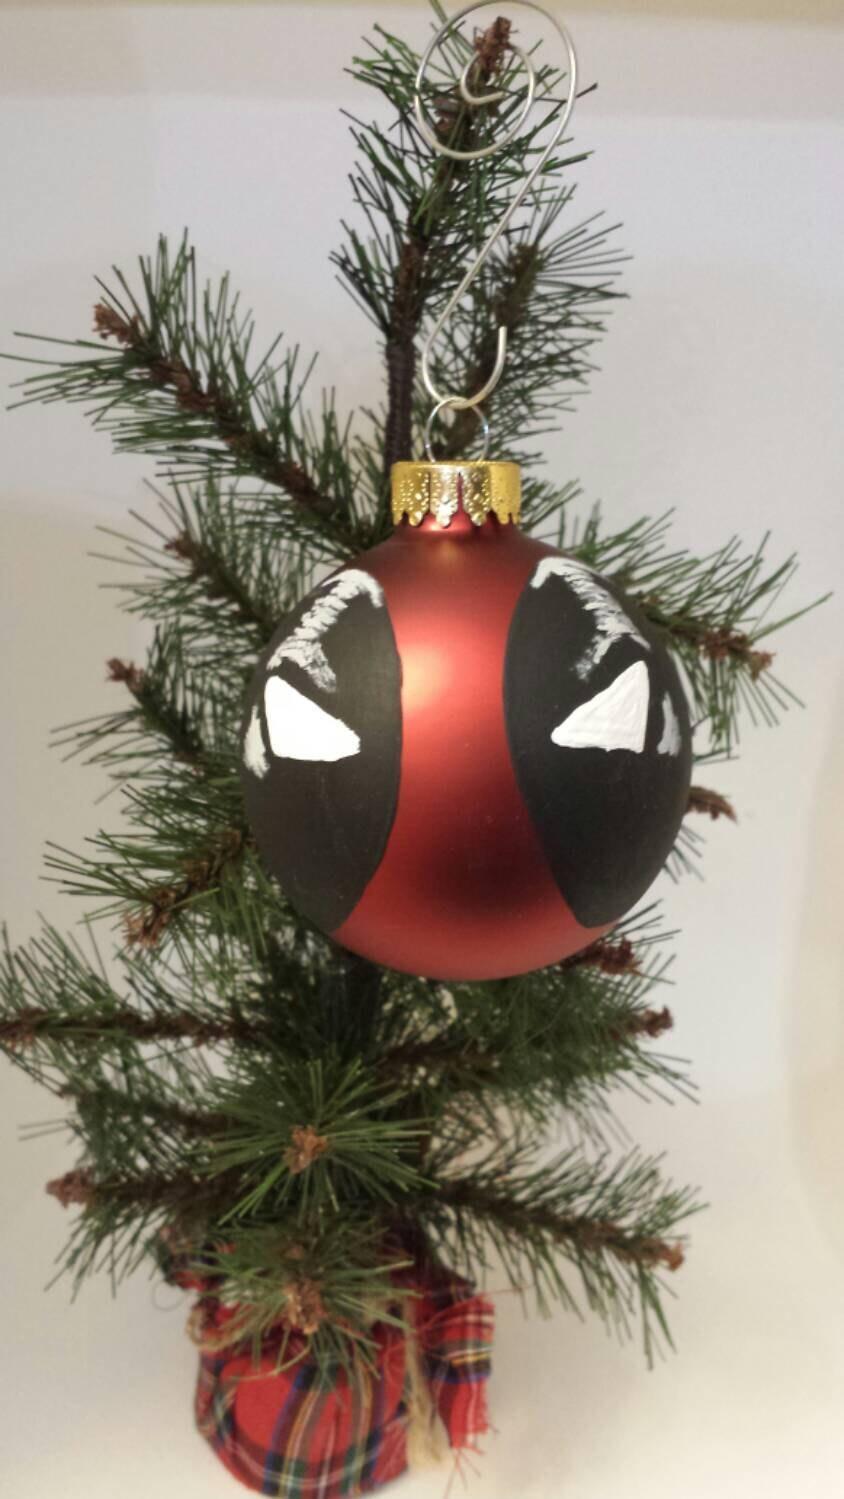 Deadpool Christmas Ornament